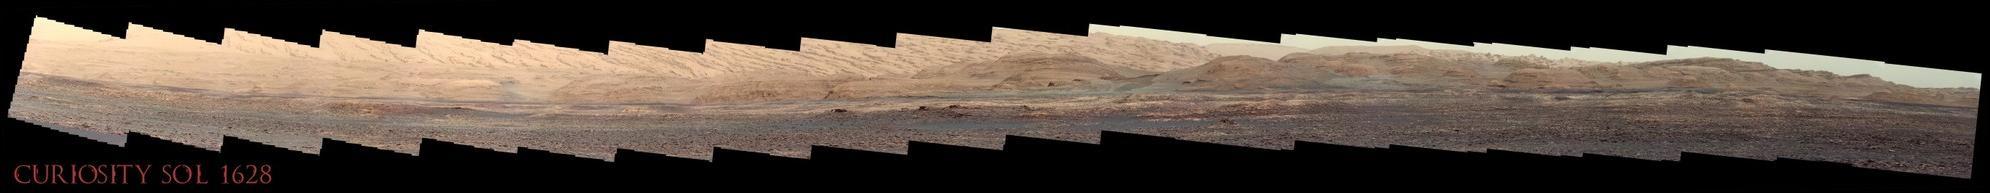 Curiosity Sol 1628